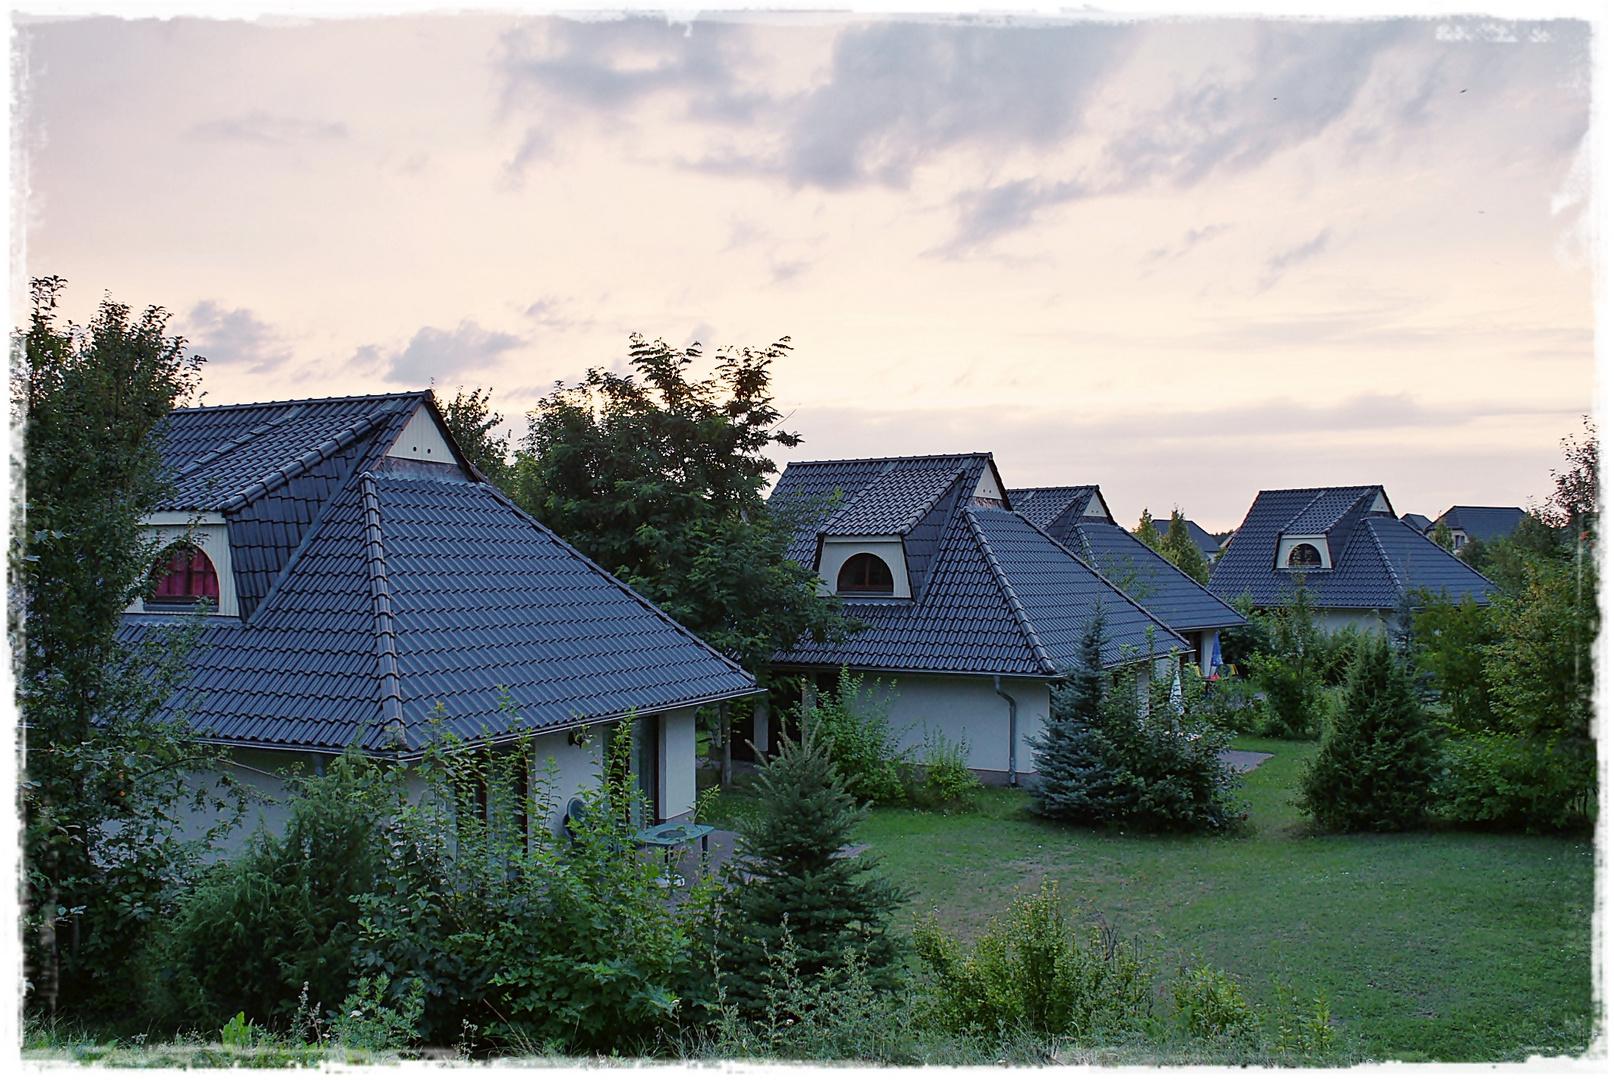 Linstow, ... van der Valk Resort _01